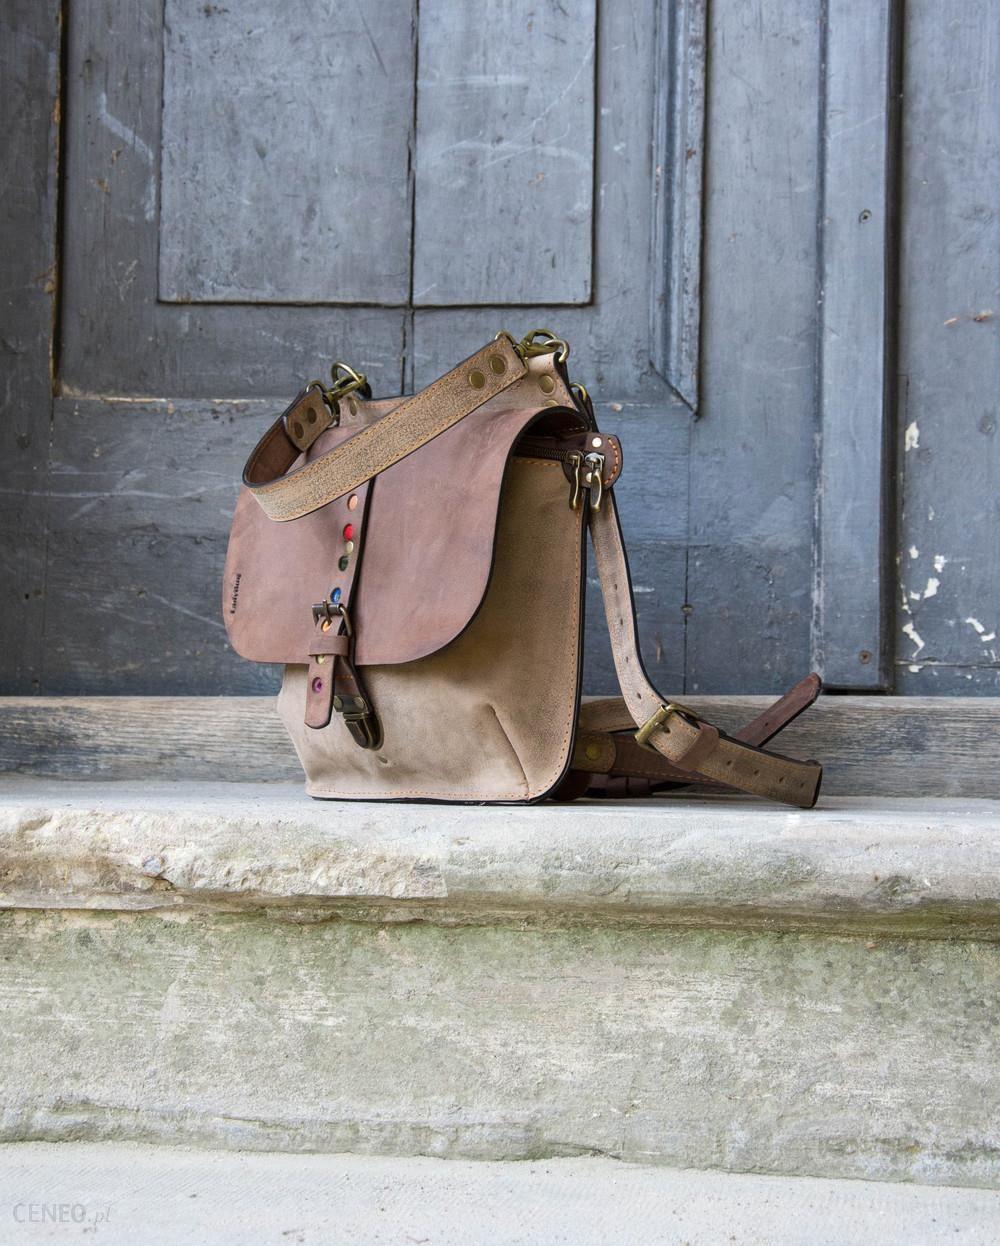 4e8a5f77343a9 ladybuq art studio Torebka torba plecak ręcznie robiona skórzana - zdjęcie 1